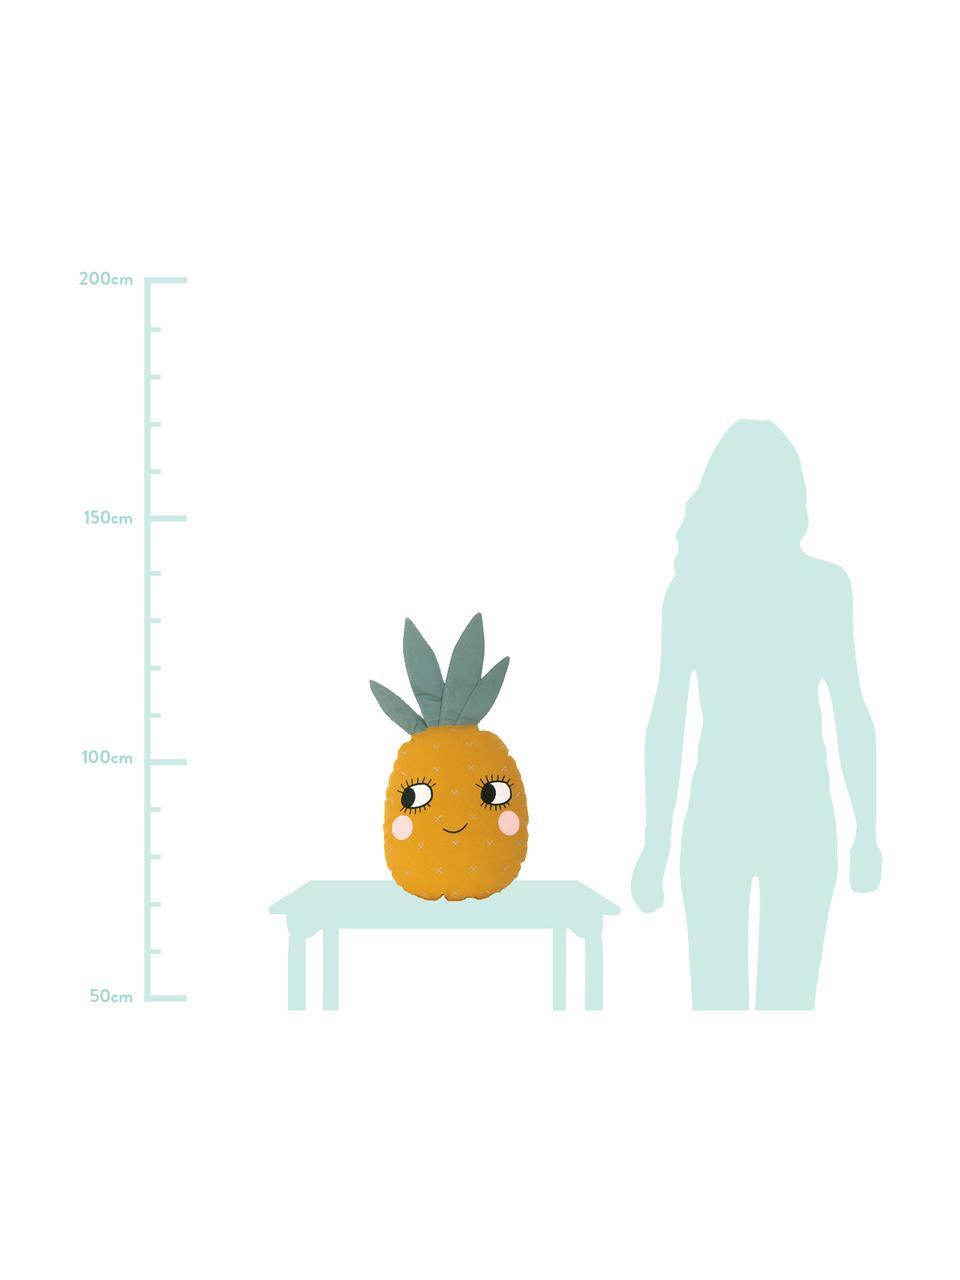 Kissen Pineapple aus Bio-Baumwolle, mit Inlett, Bezug: 100% Biobaumwolle, OCS-ze, Gelb, 32 x 61 cm